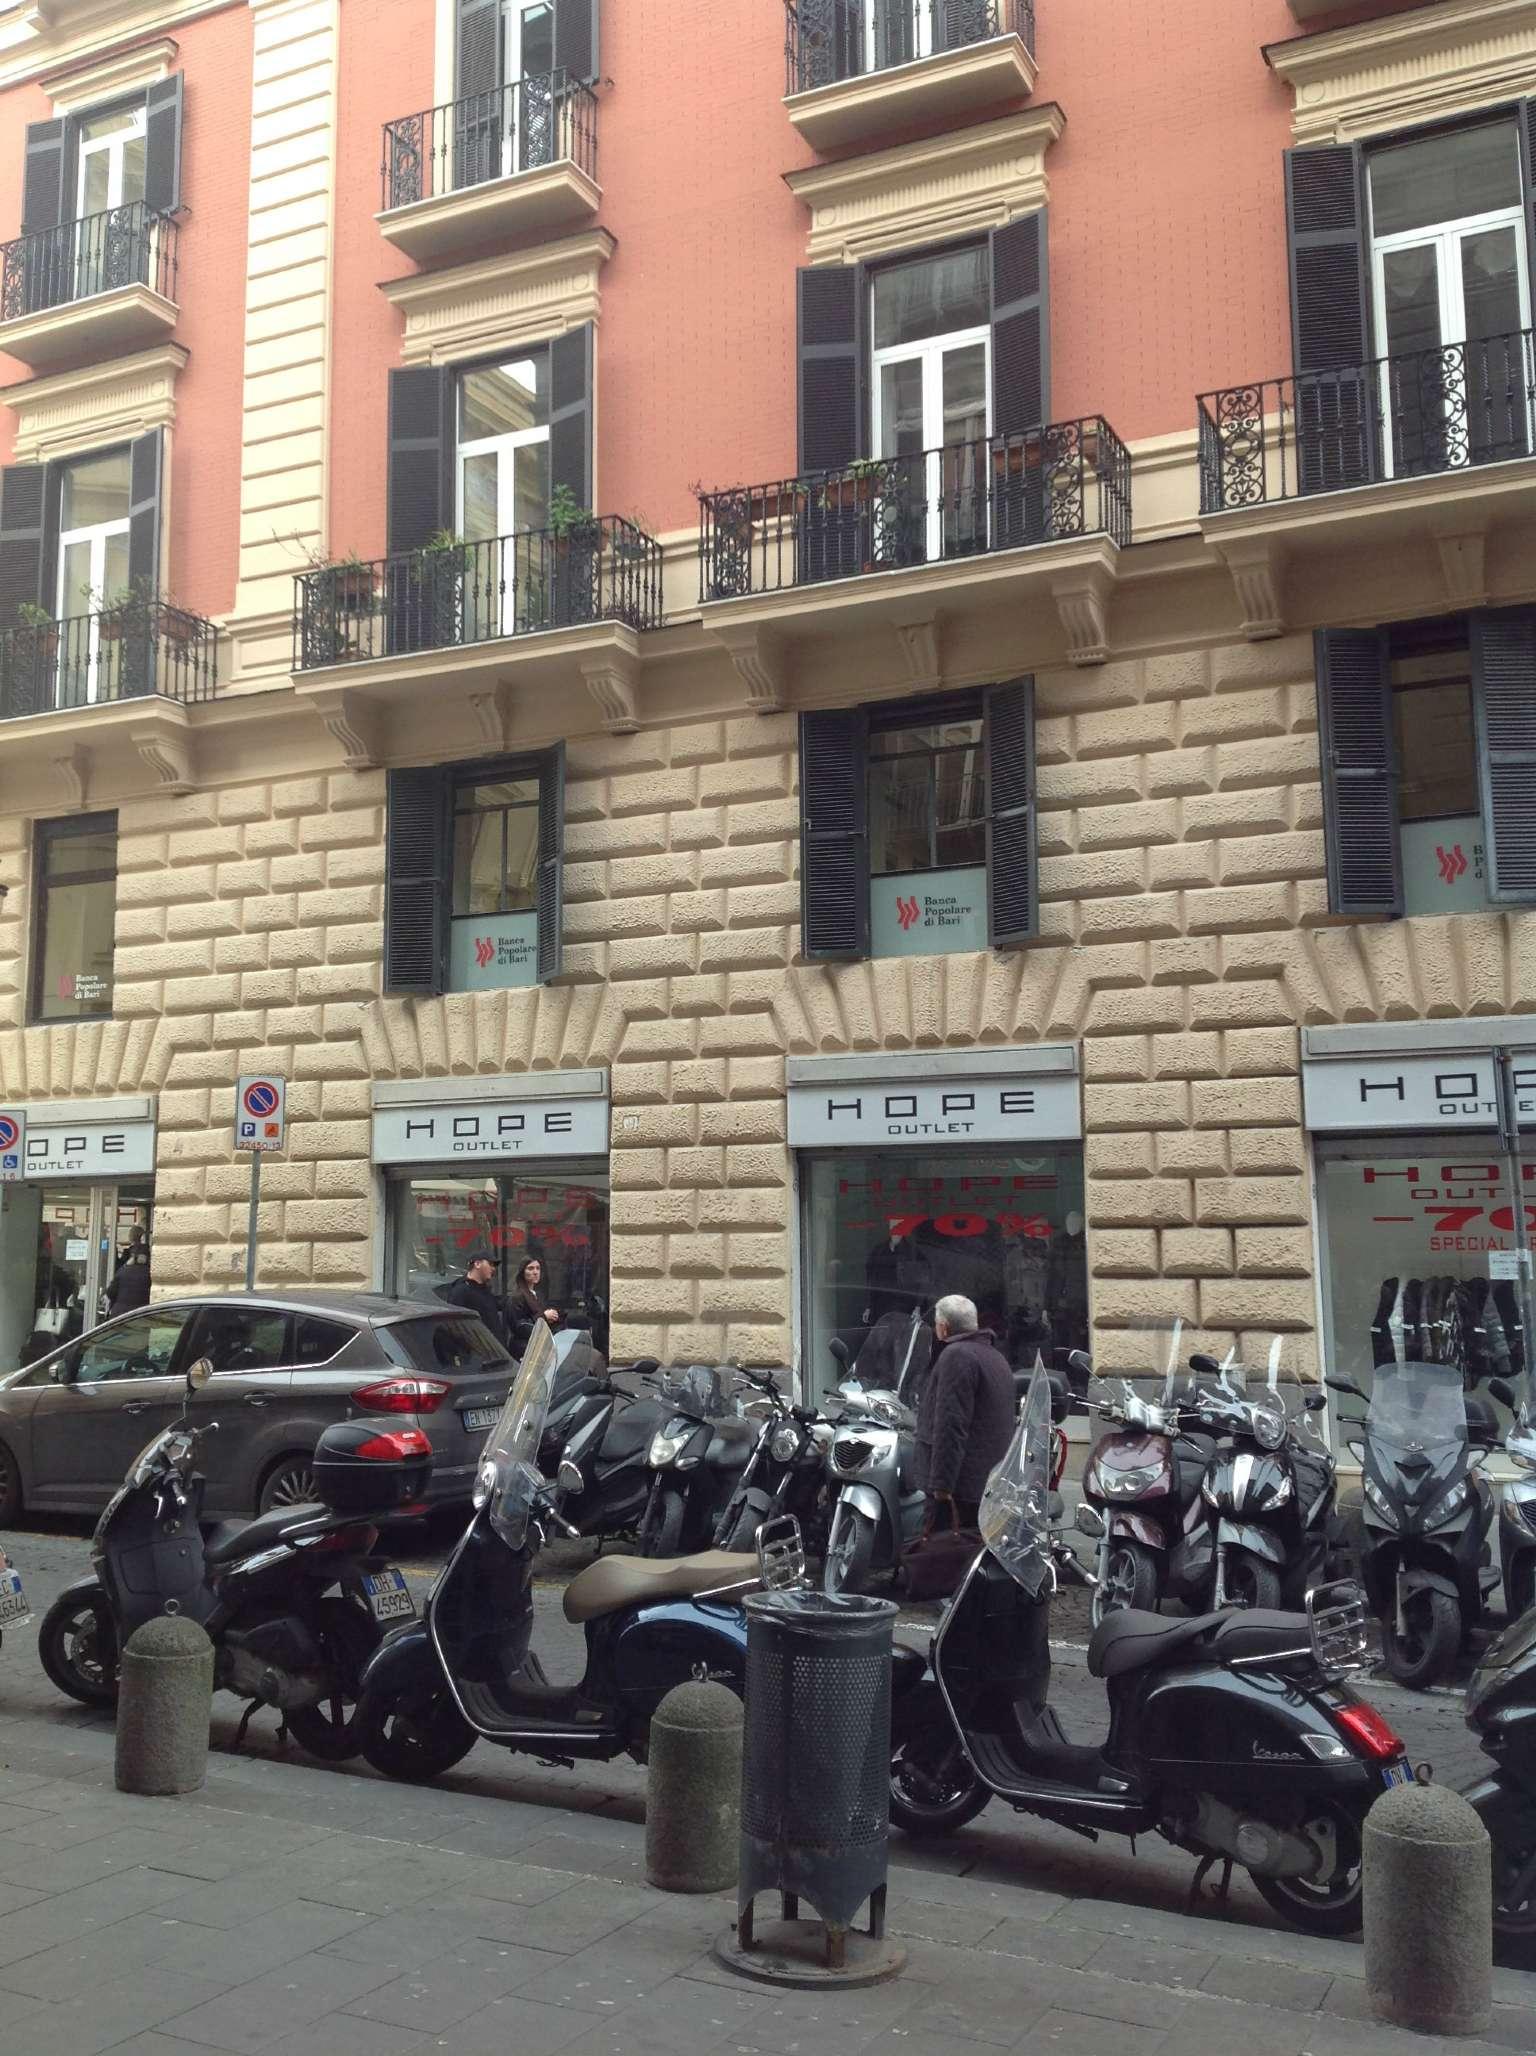 Ufficio / Studio in affitto a Napoli, 10 locali, zona Zona: 2 . Mercato, Pendino, Avvocata, Montecalvario, Porto, S.Giuseppe, Centro Storico, prezzo € 6.500 | CambioCasa.it